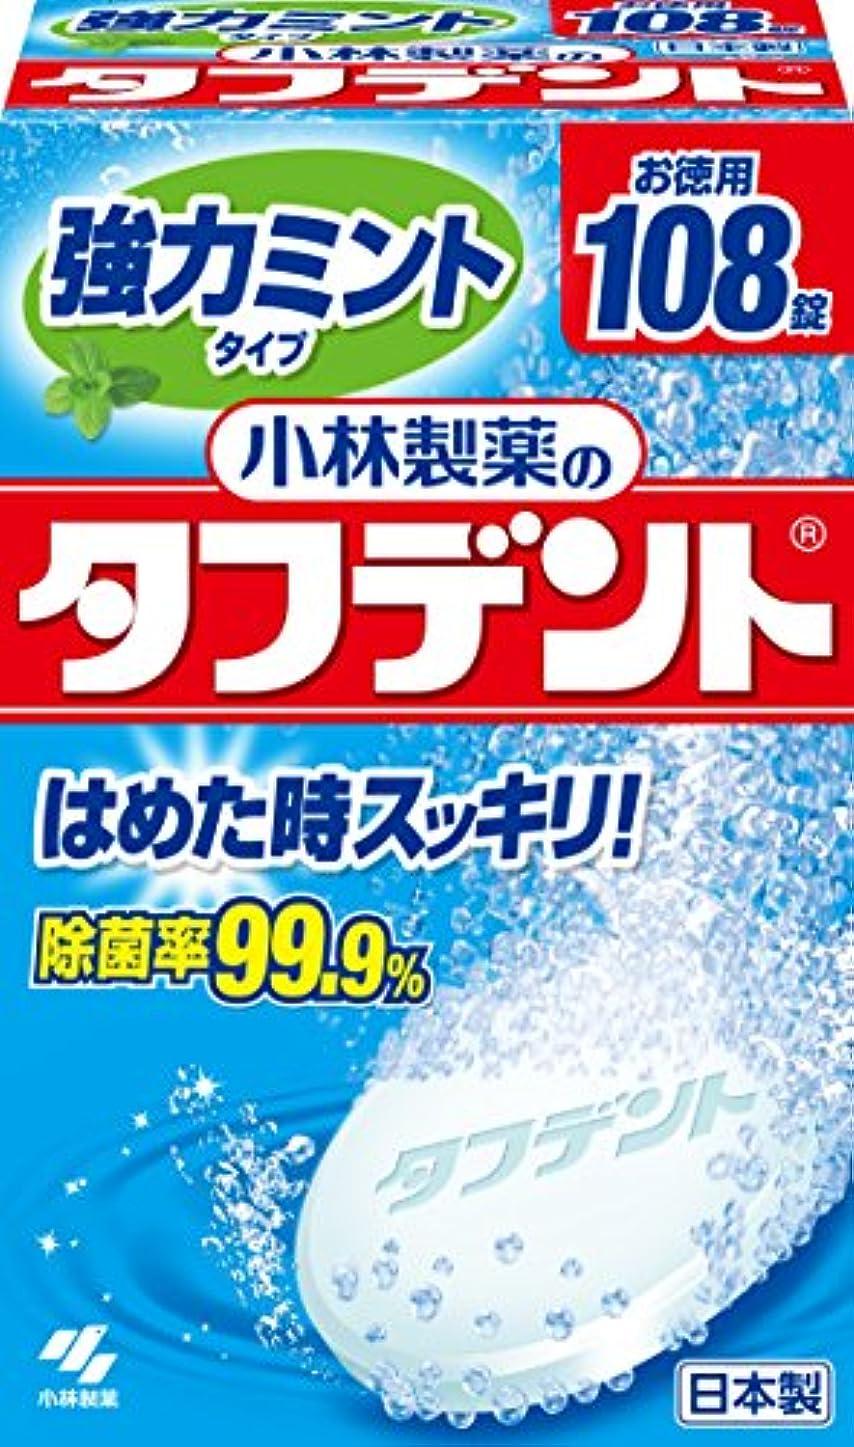 平均チップ説得小林製薬のタフデント強力ミントタイプ 入れ歯用洗浄剤 ミントの香り 108錠